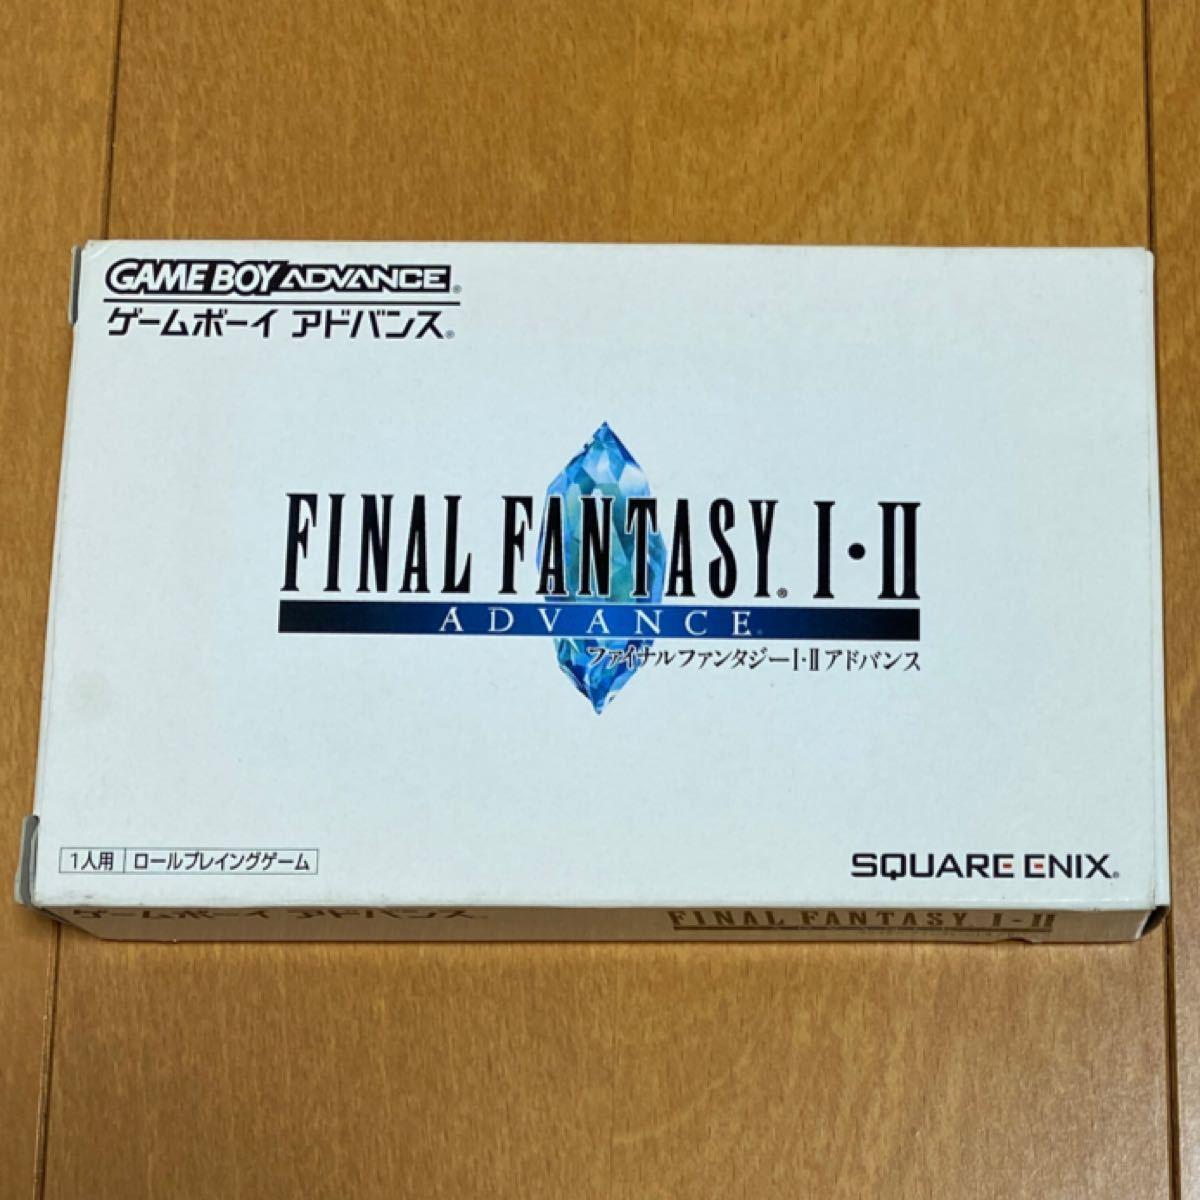 【GBA】 ファイナルファンタジーI・IIアドバンス